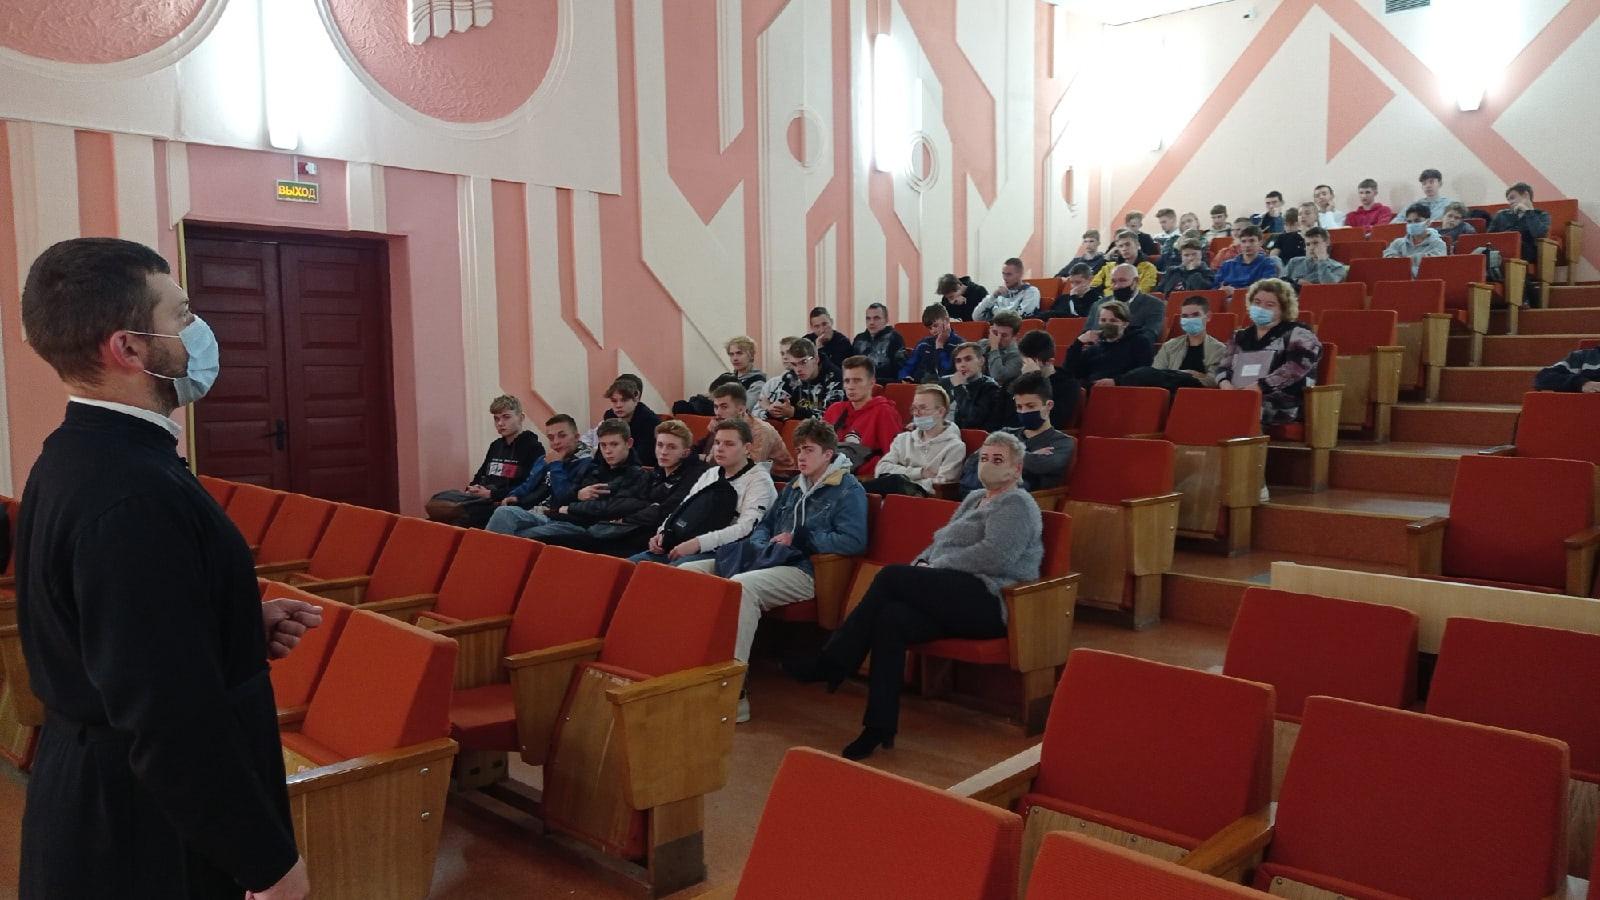 Встреча учащихся с клириком храма в честь Усекновения Главы Иоанна Предтечи